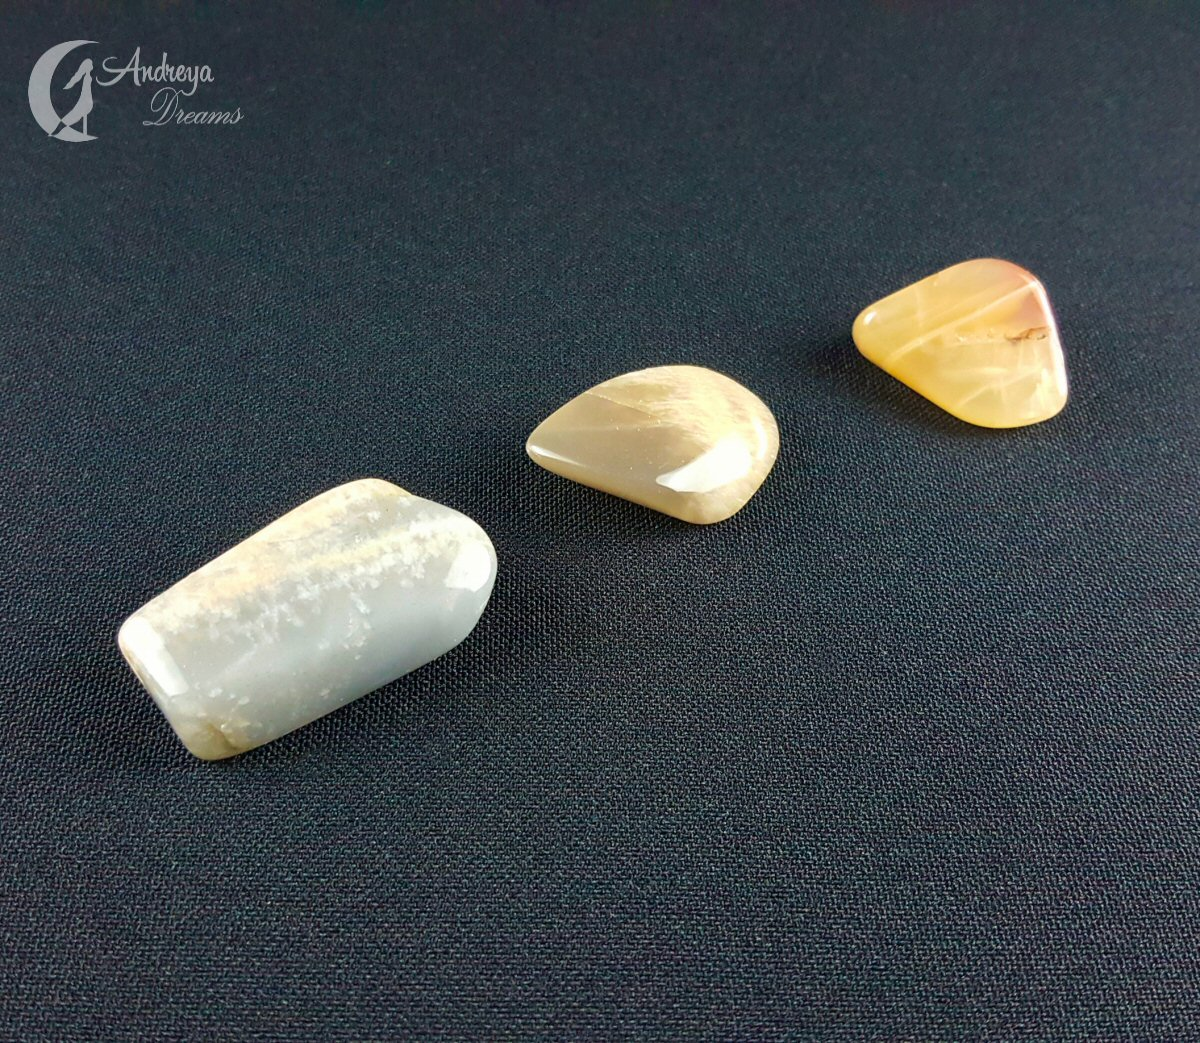 Pedra da Lua - Moonstone